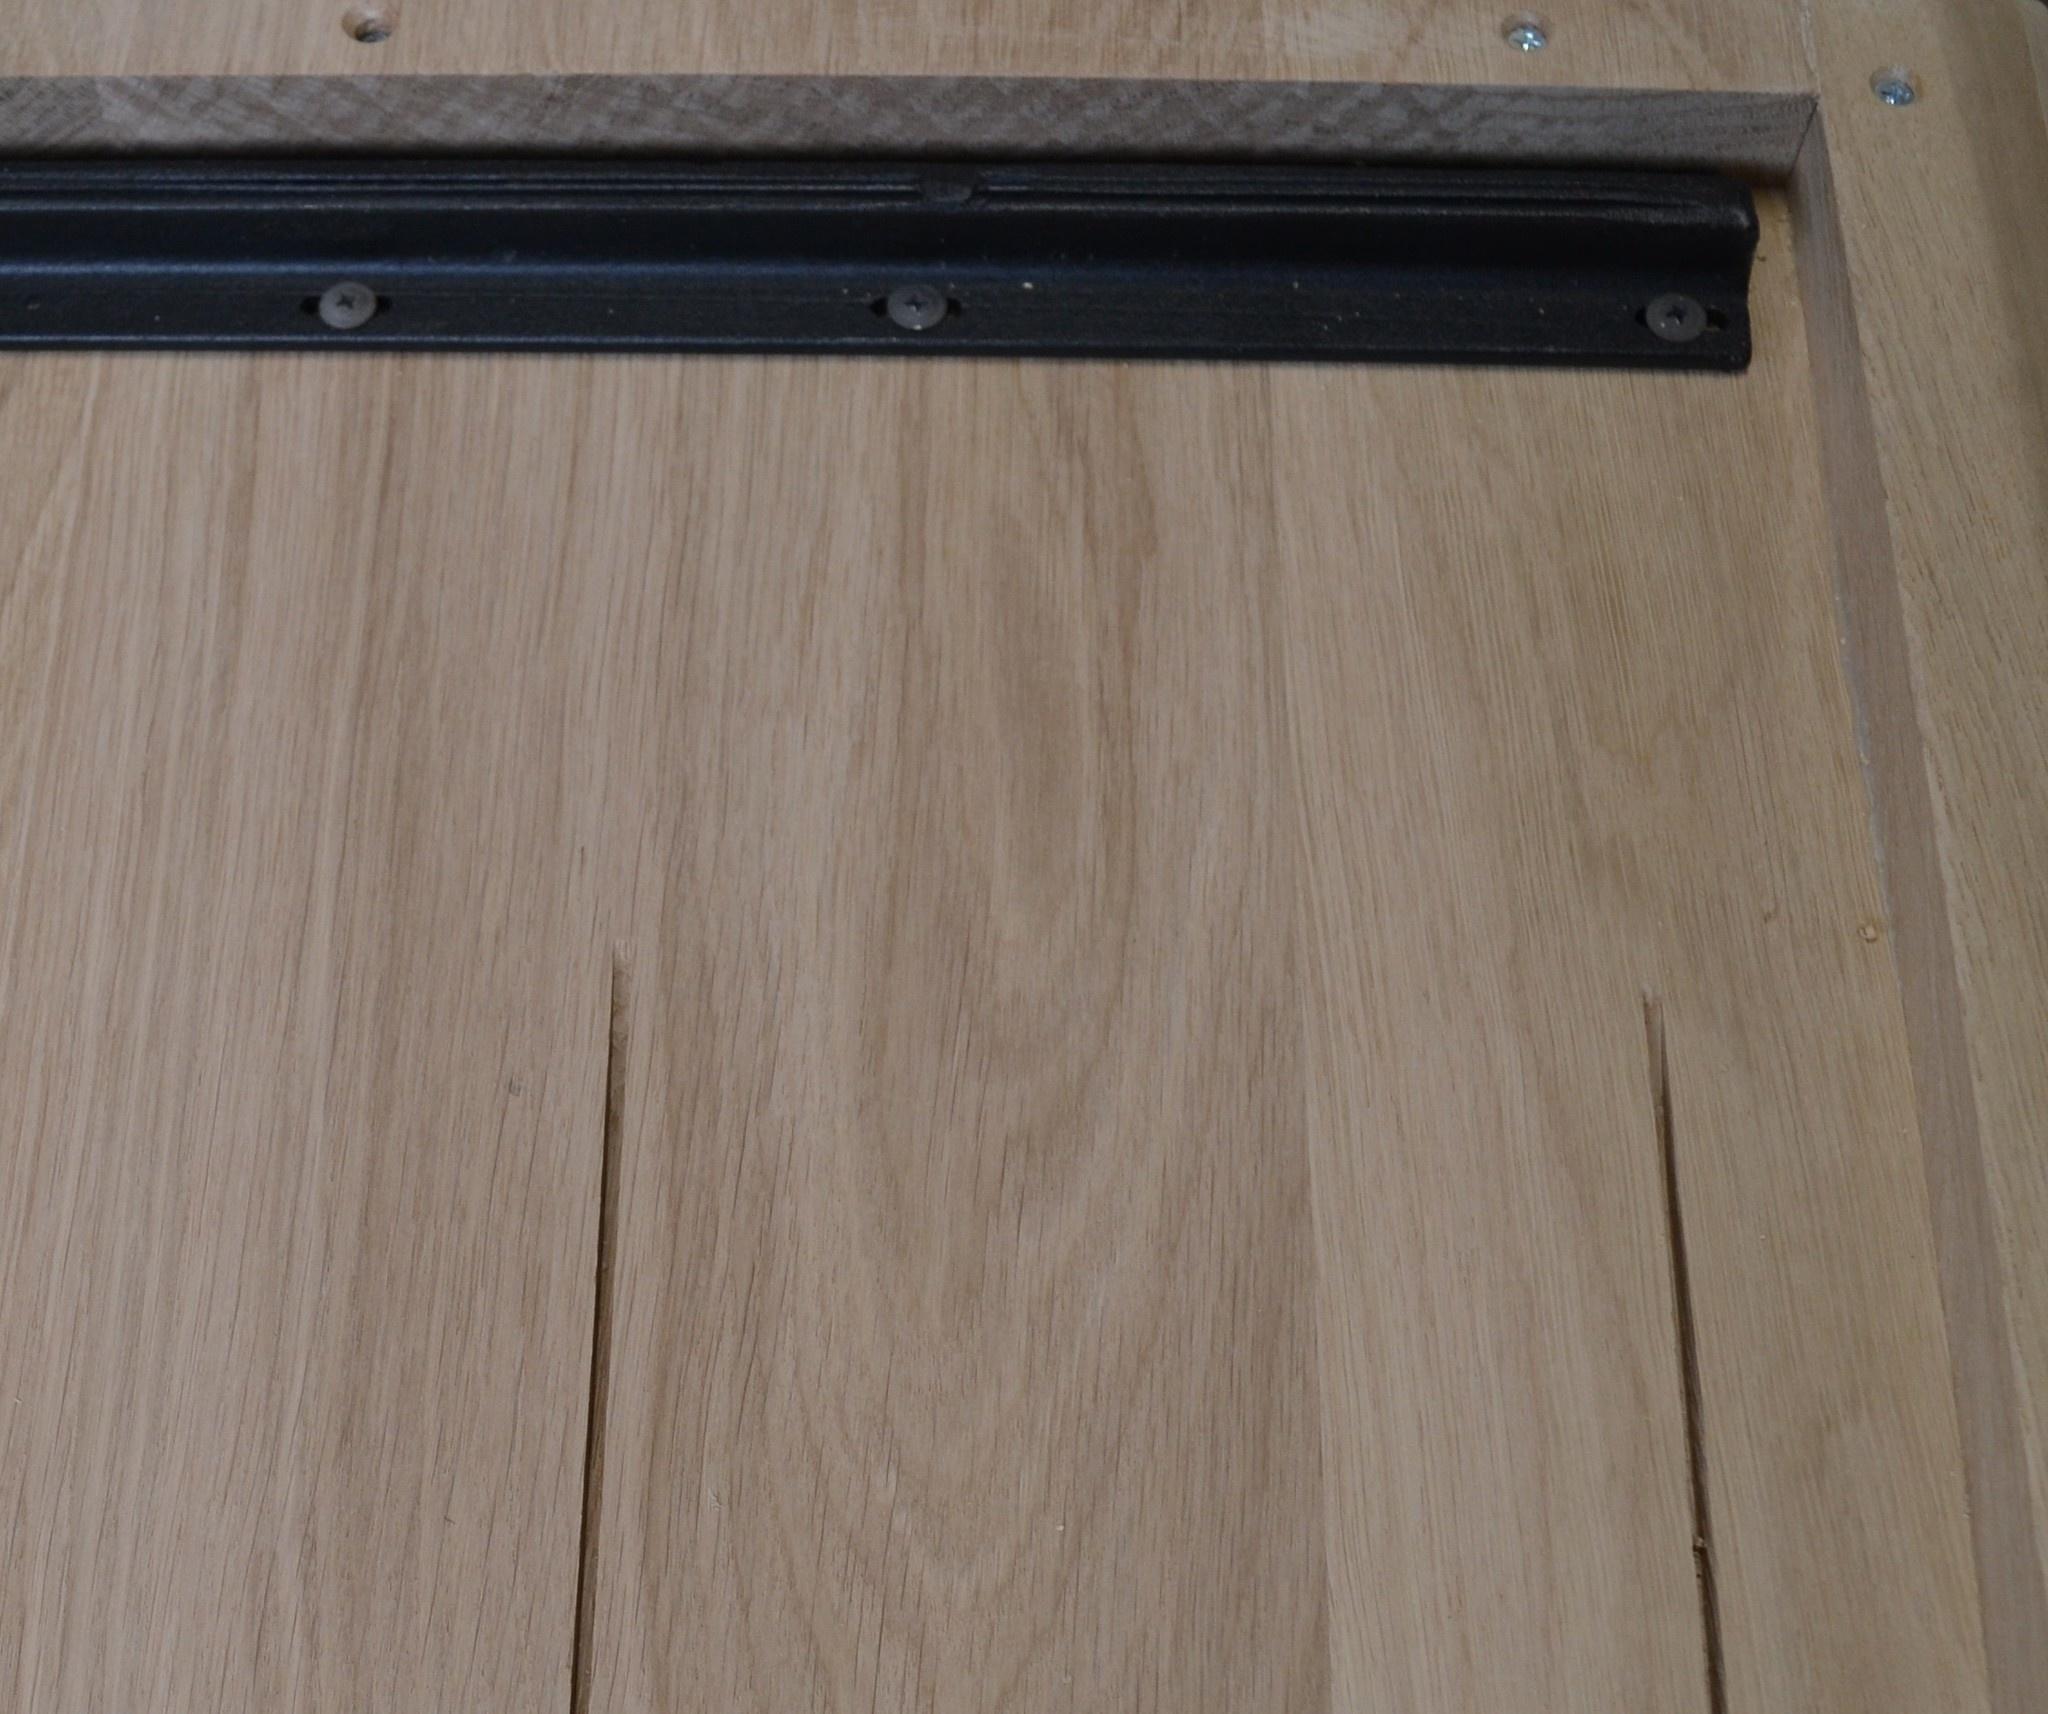 Eiken boomstam(rand) tafelblad - 100x200-300- 4,5 cm dik (2-laags rondom) - extra rustiek Europees eikenhout met schorsrand / waankant - verlijmd kd 10-12%